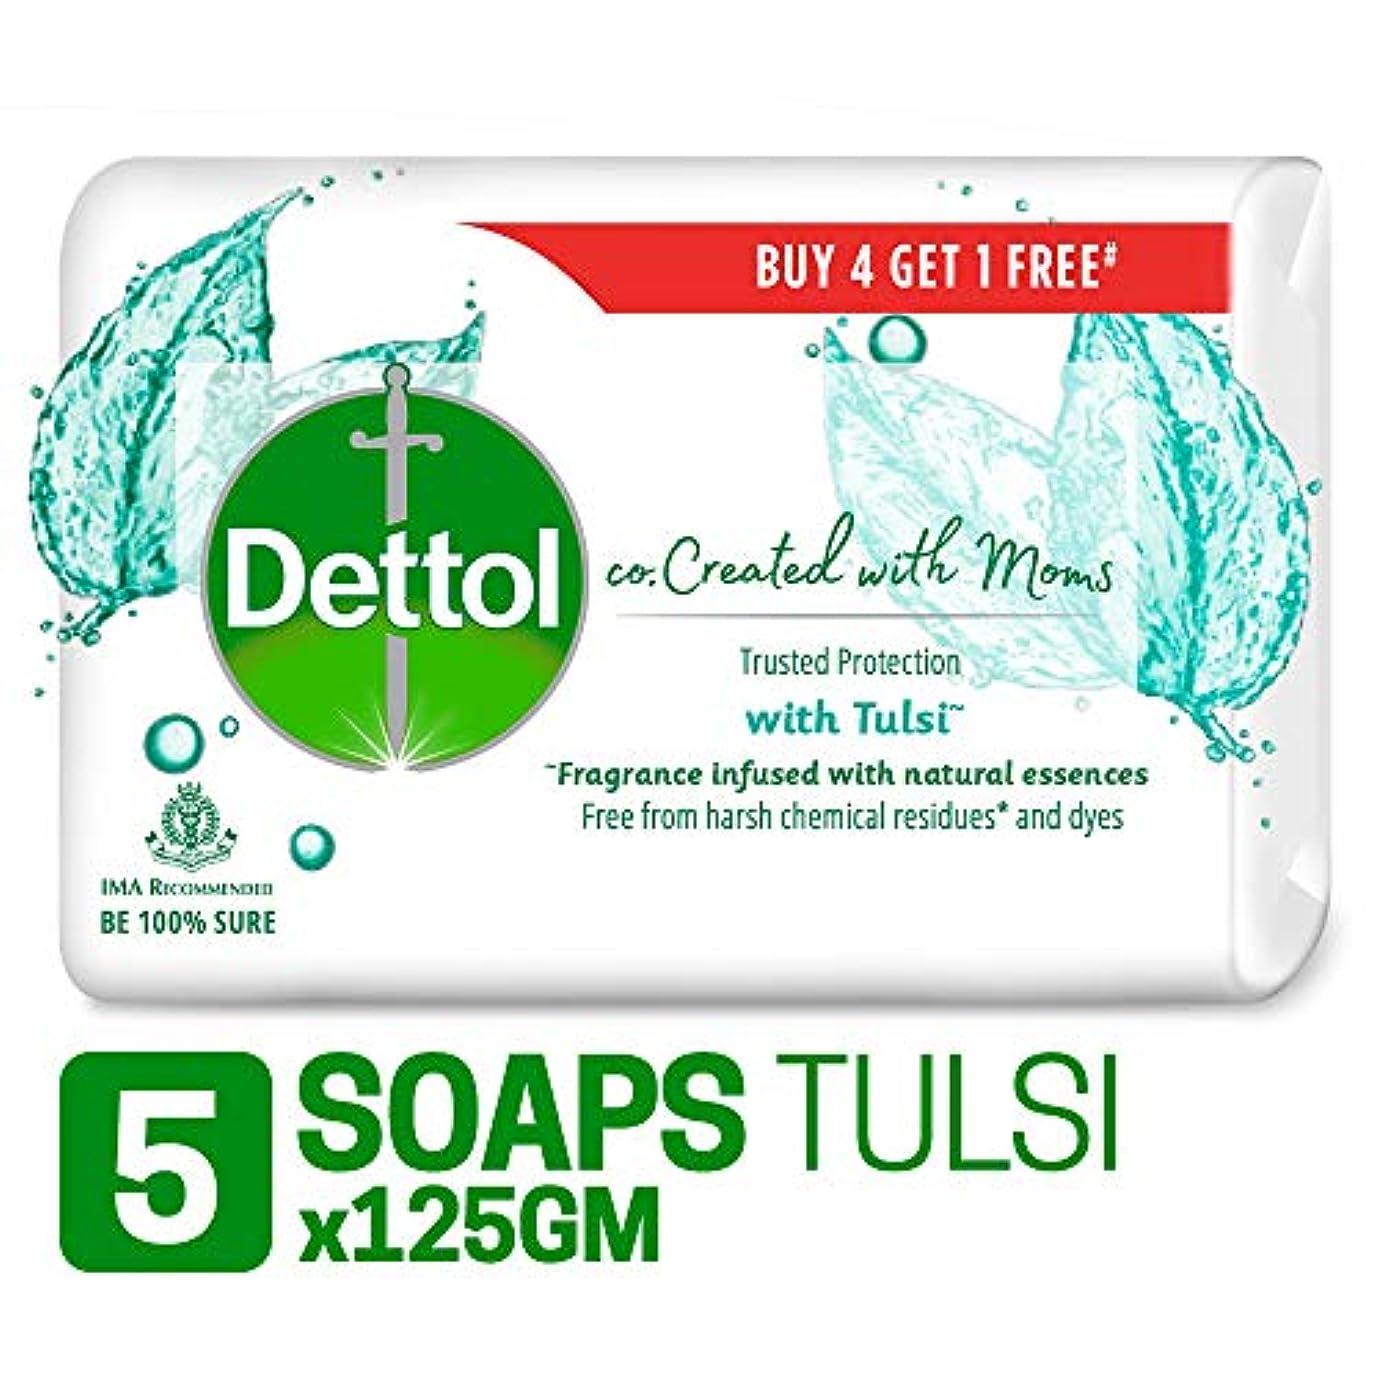 ファンド抵抗する騙すDettol Co-created with moms Tulsi Bathing Soap, 125gm (Buy 4 Get 1 Free)